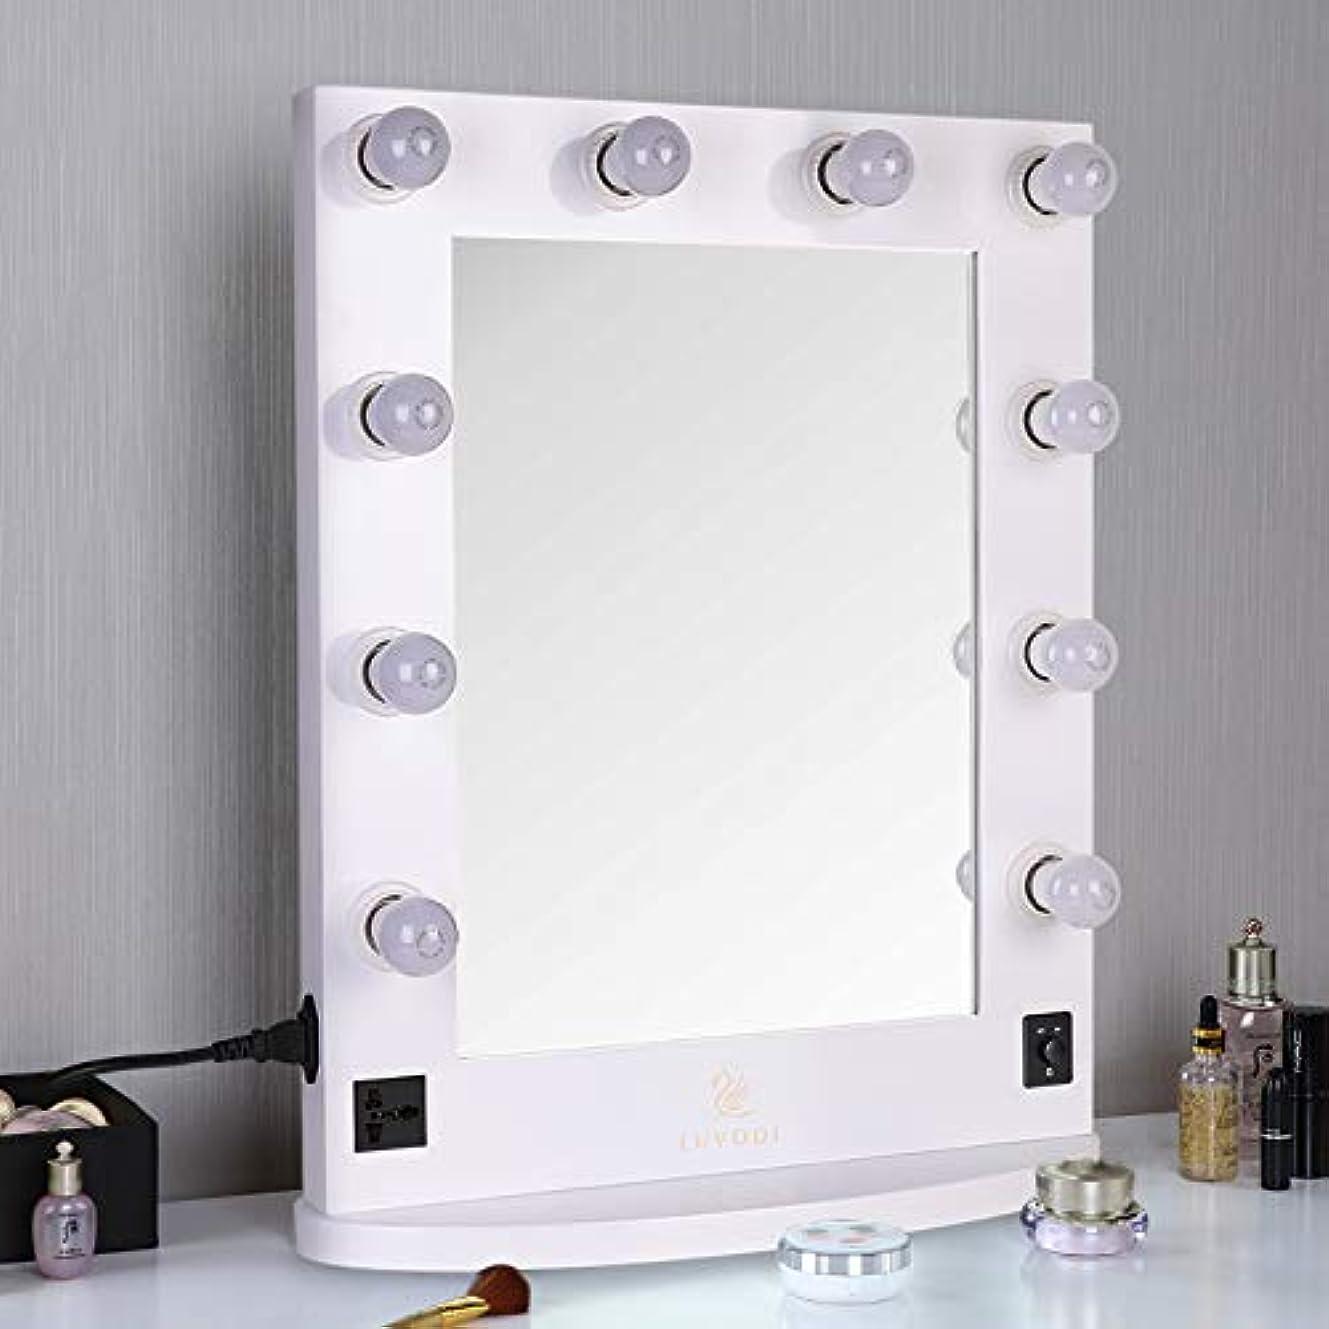 メディカル保持するキャリアLUVODI ハリウッドミラー 化粧鏡 化粧ミラー 女優ミラー led ライト付き 卓上鏡 スタンド 卓上/壁掛け 鏡 2Way 大型 木製 明るさ調節可能(白)